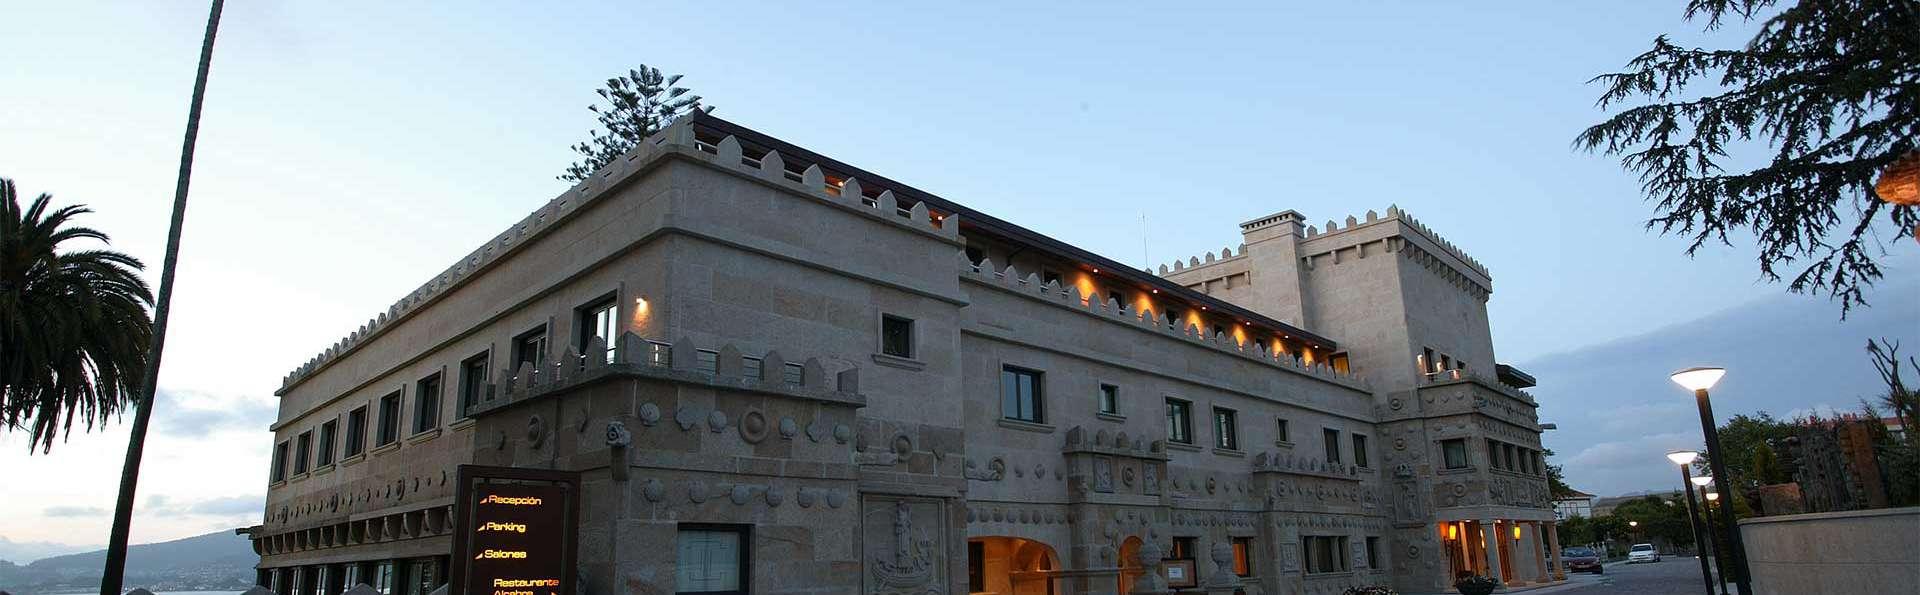 Pazo Los Escudos Hotel & Spa Resort - EDIT_Exterior1.jpg